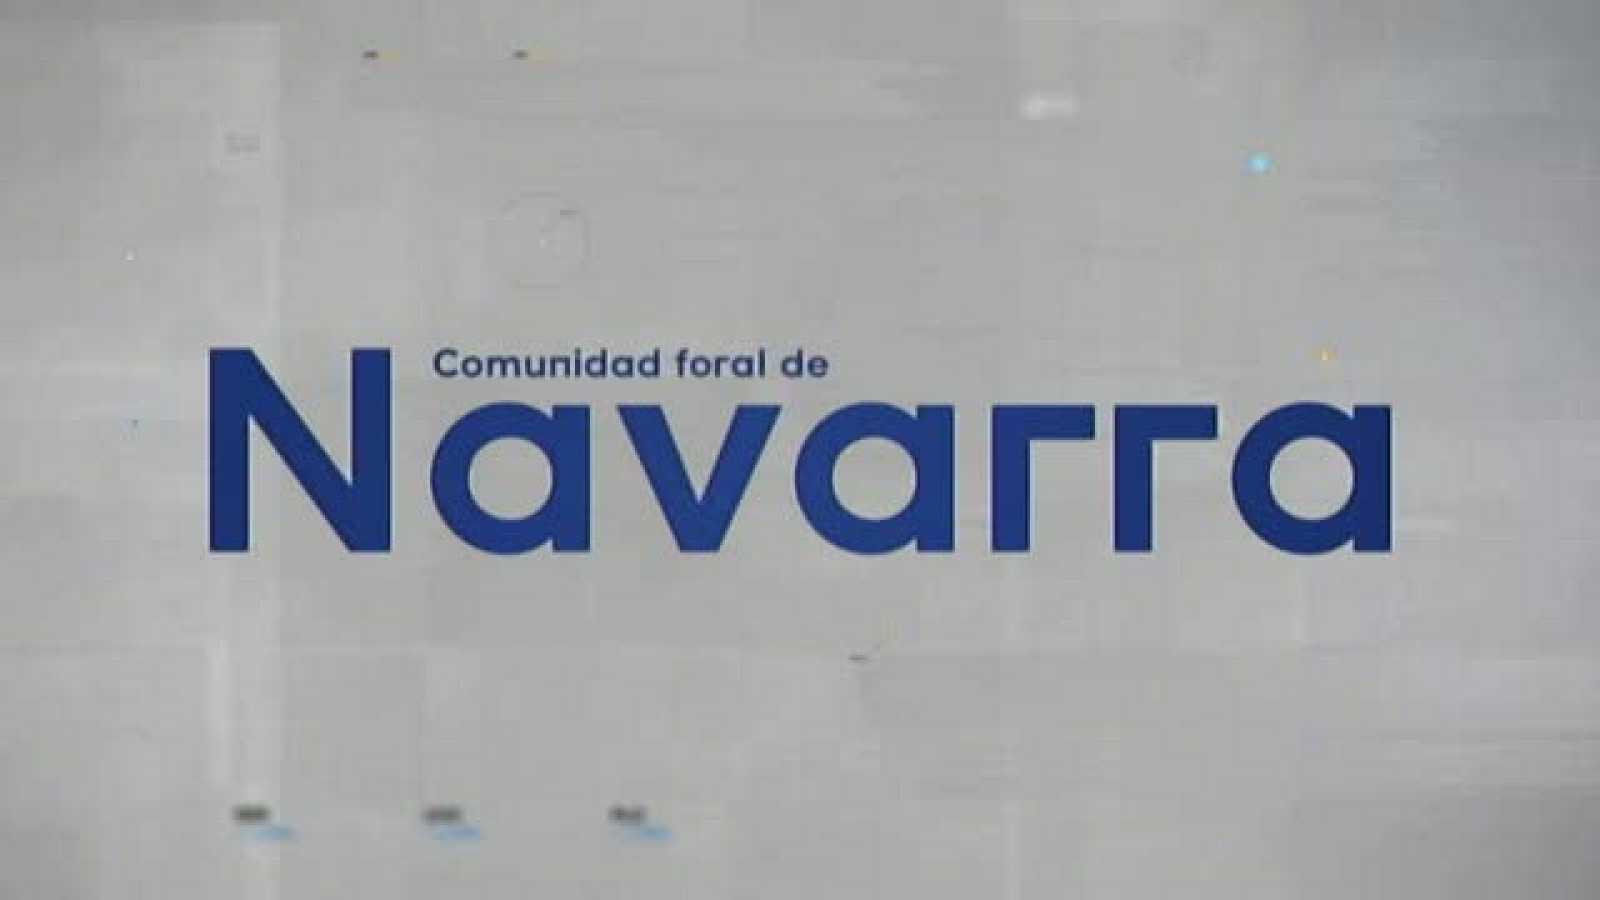 Telenavarra -  8/4/2021